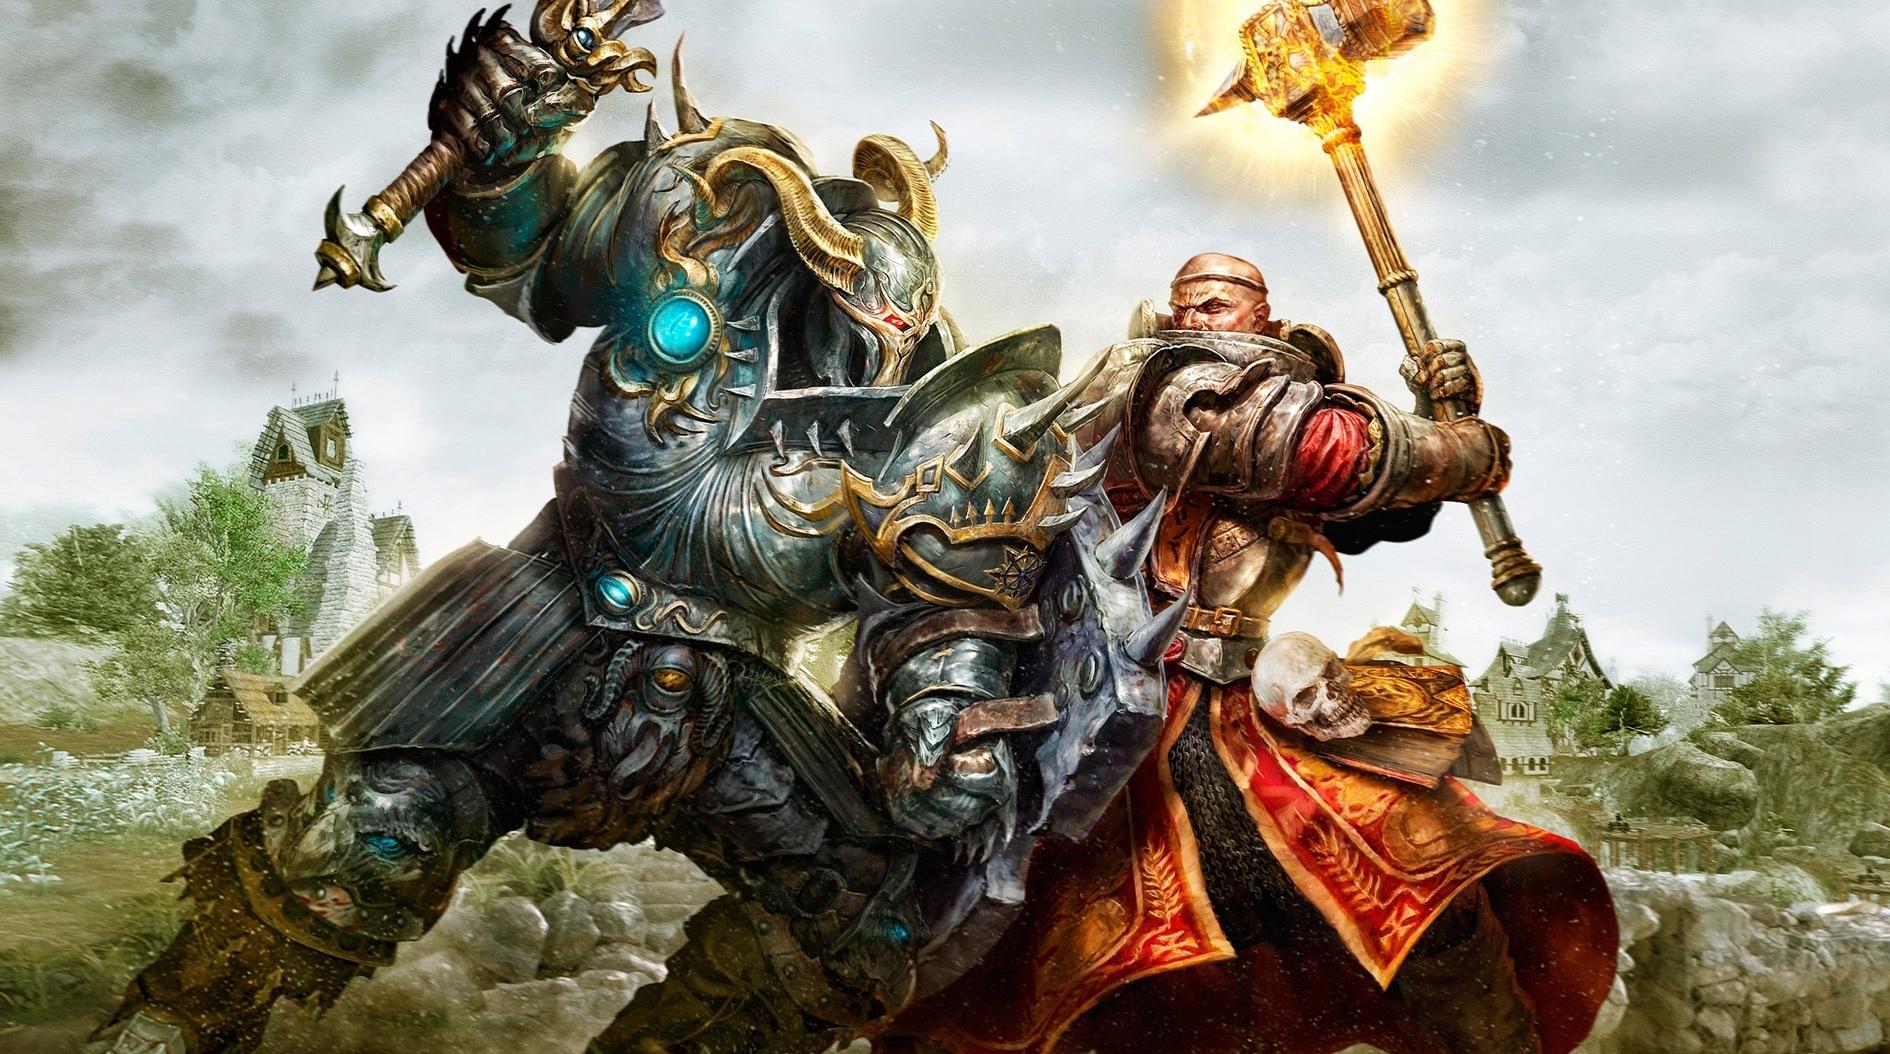 Warhammer fight